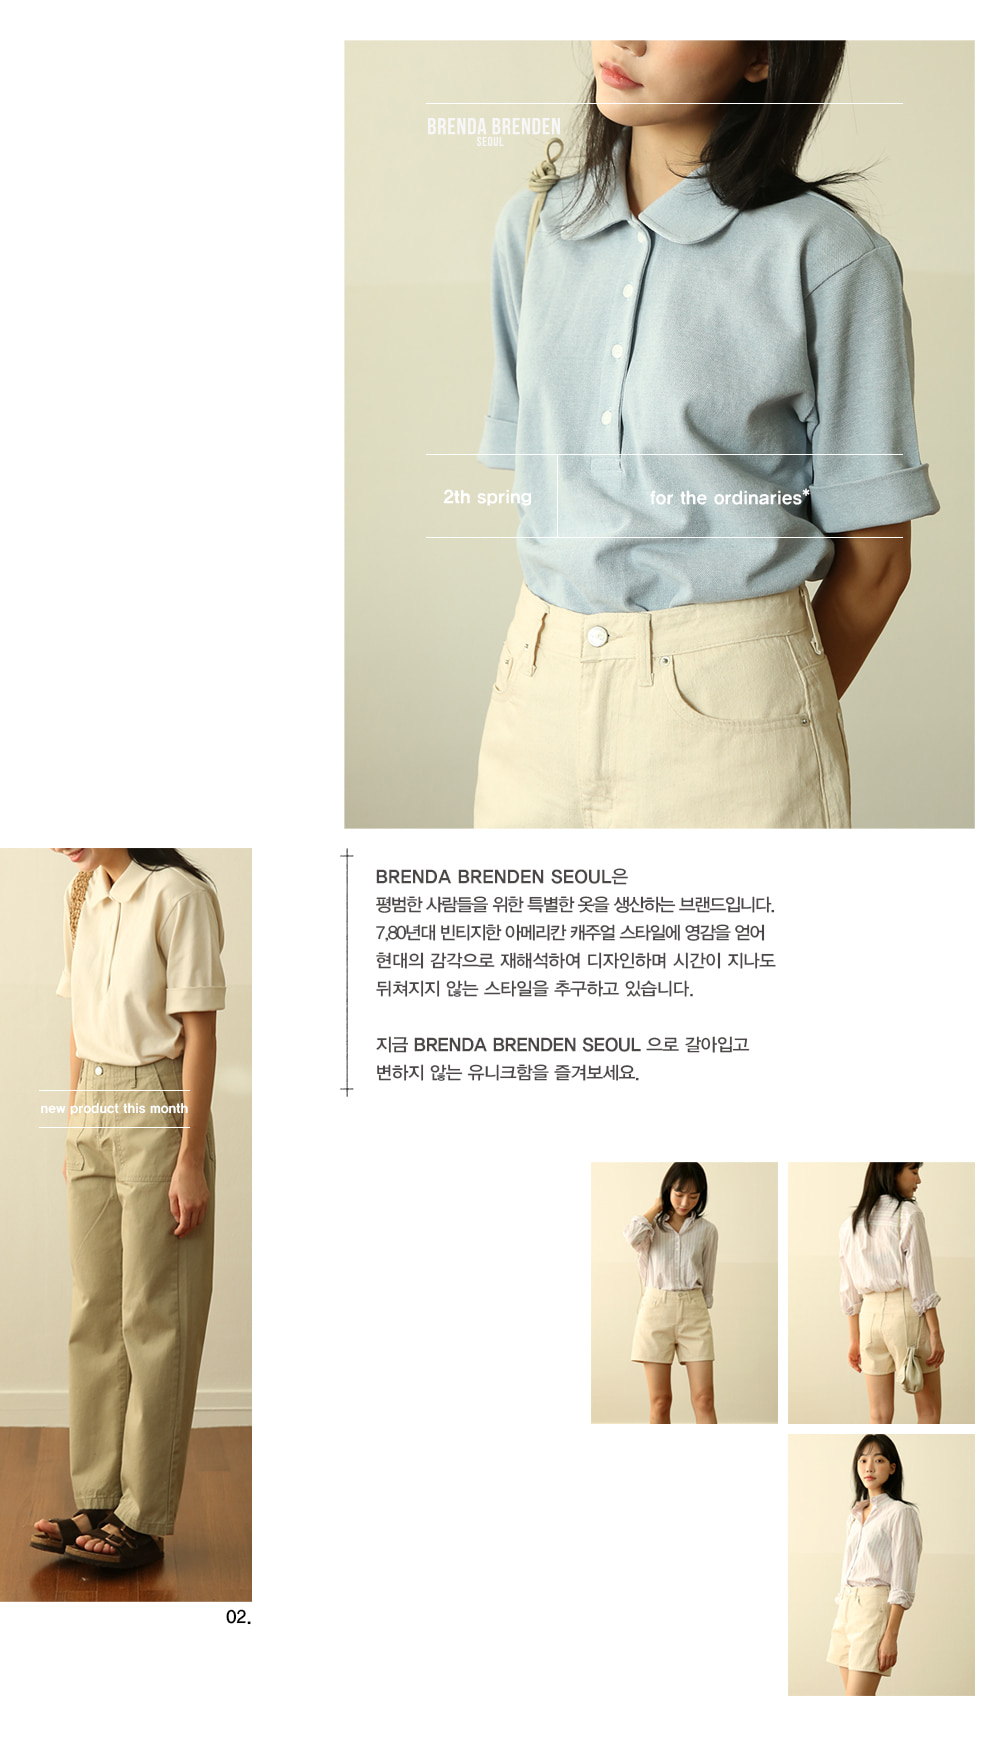 브렌다 브렌든(BRENDA BRENDEN SEOUL) 투웨이 데님 원피스-블루